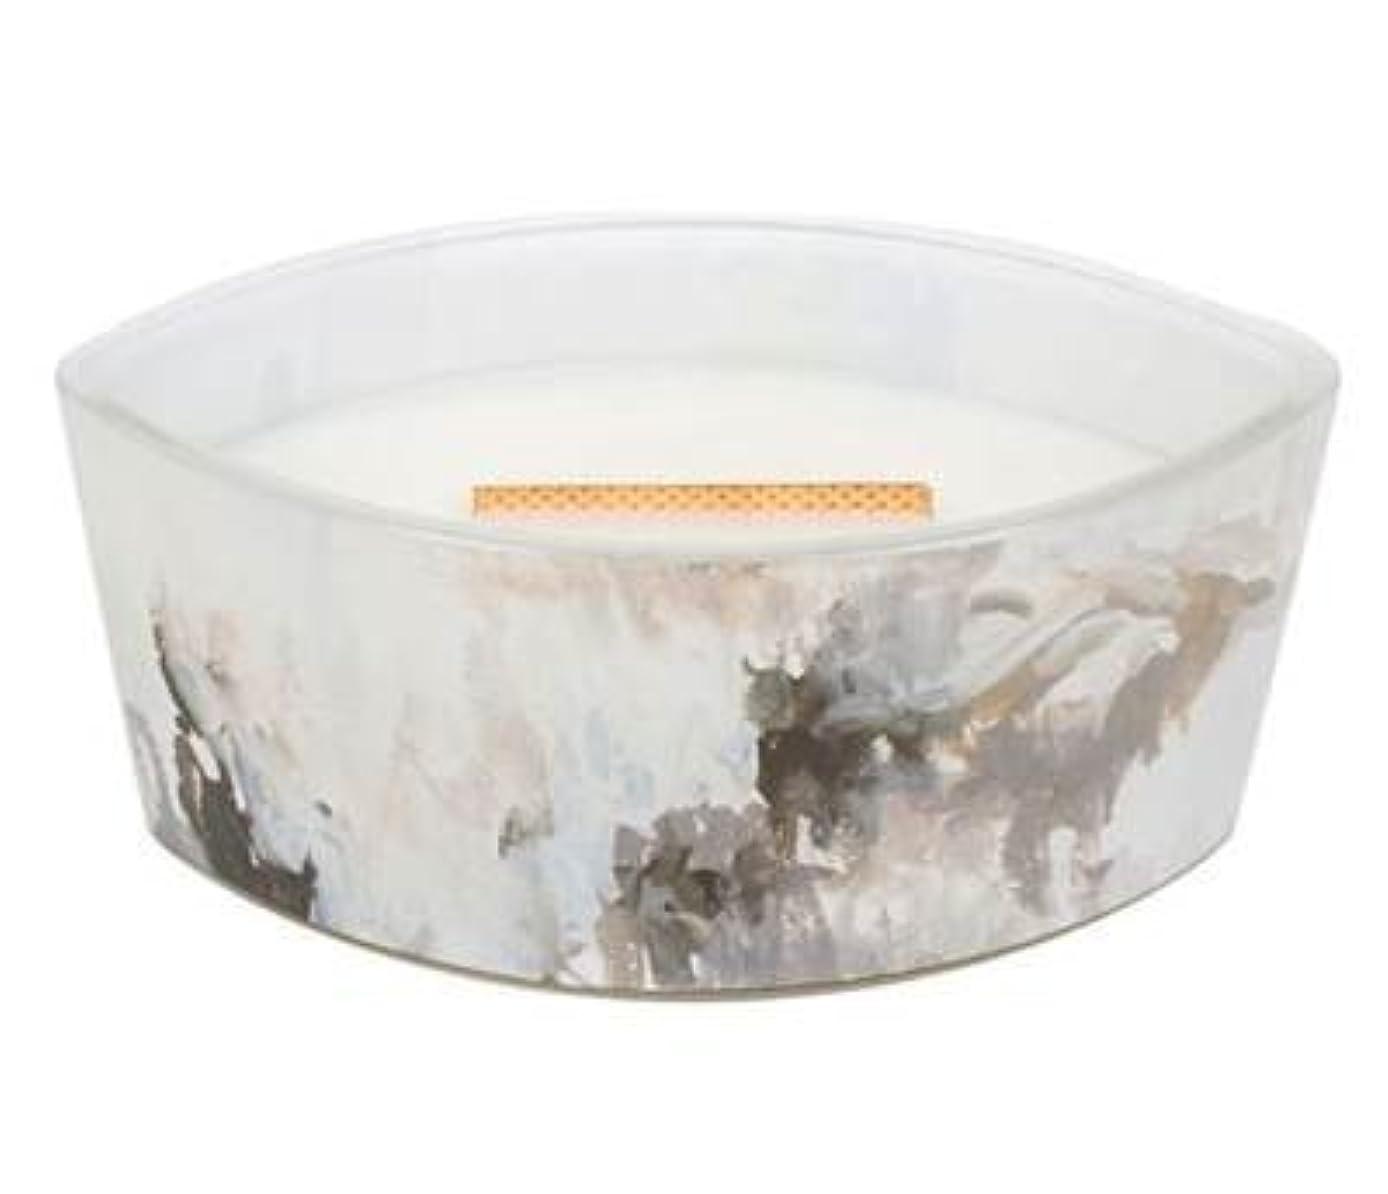 進行中保証金イブニングHoney Tabac – アーティザンコレクション楕円WoodWick香りつきJar Candle